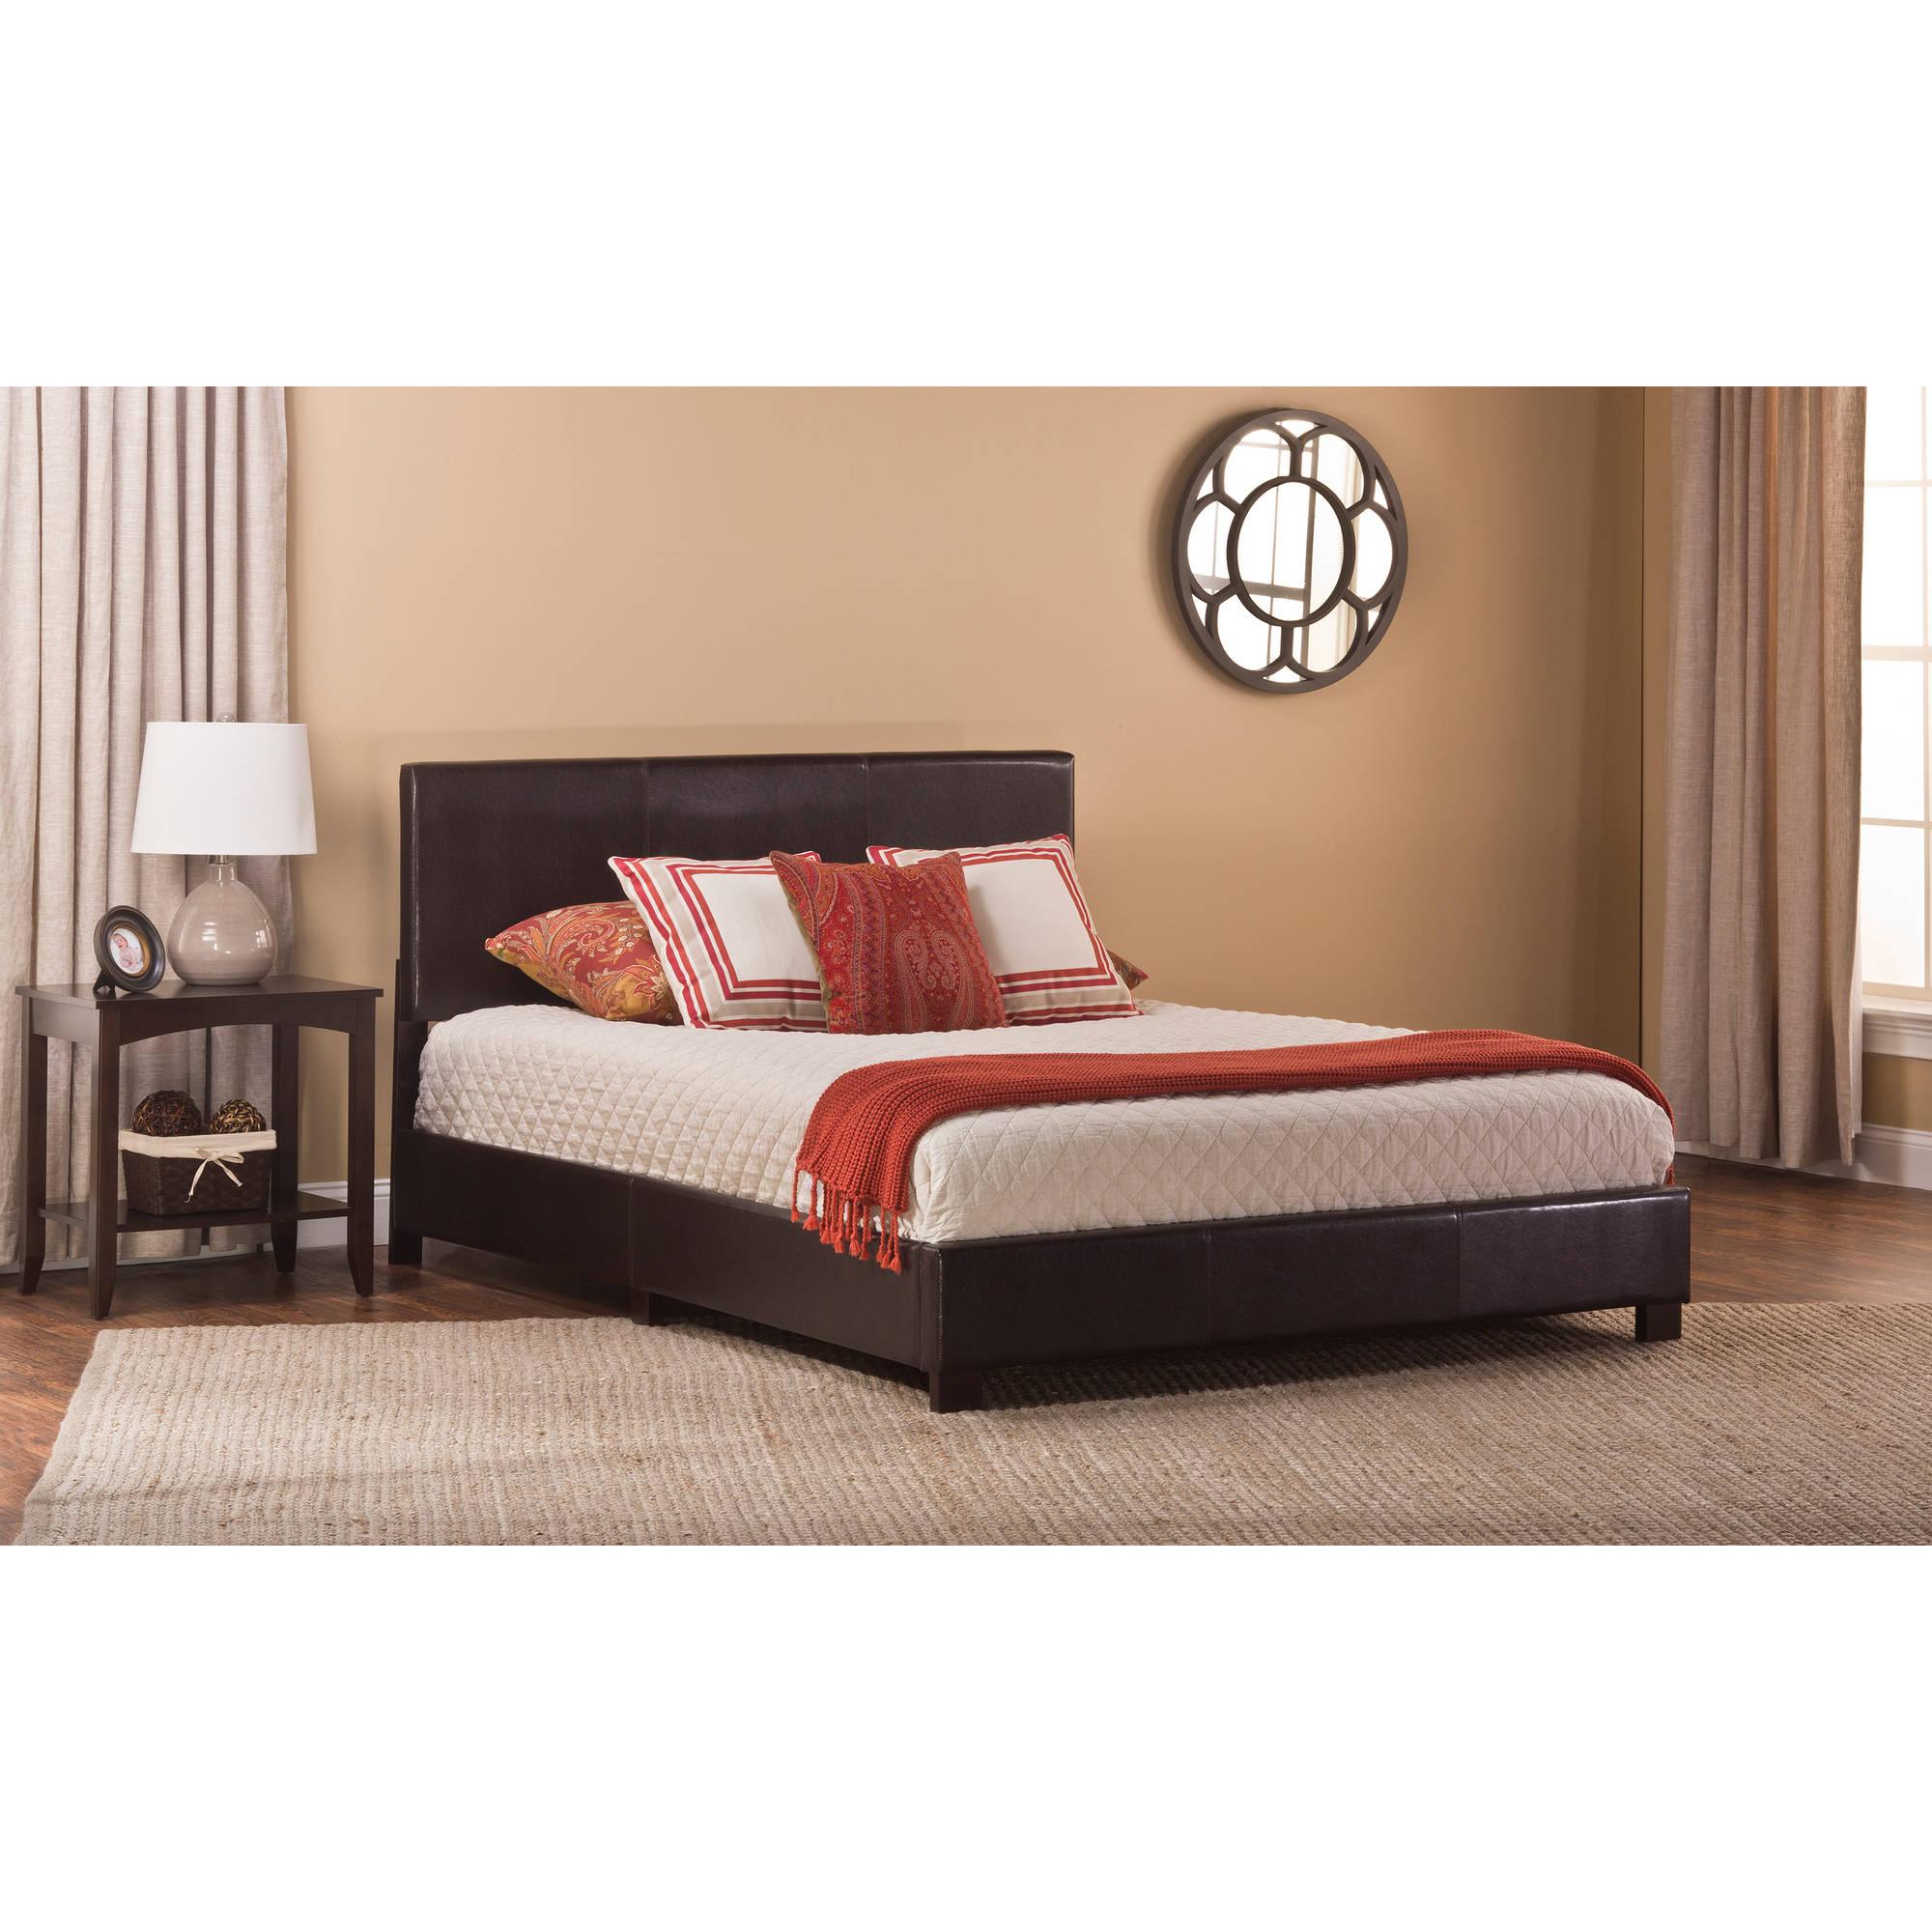 Hillsdale Furniture Hayden Faux Leather Platform Bed 0ef5bfe35